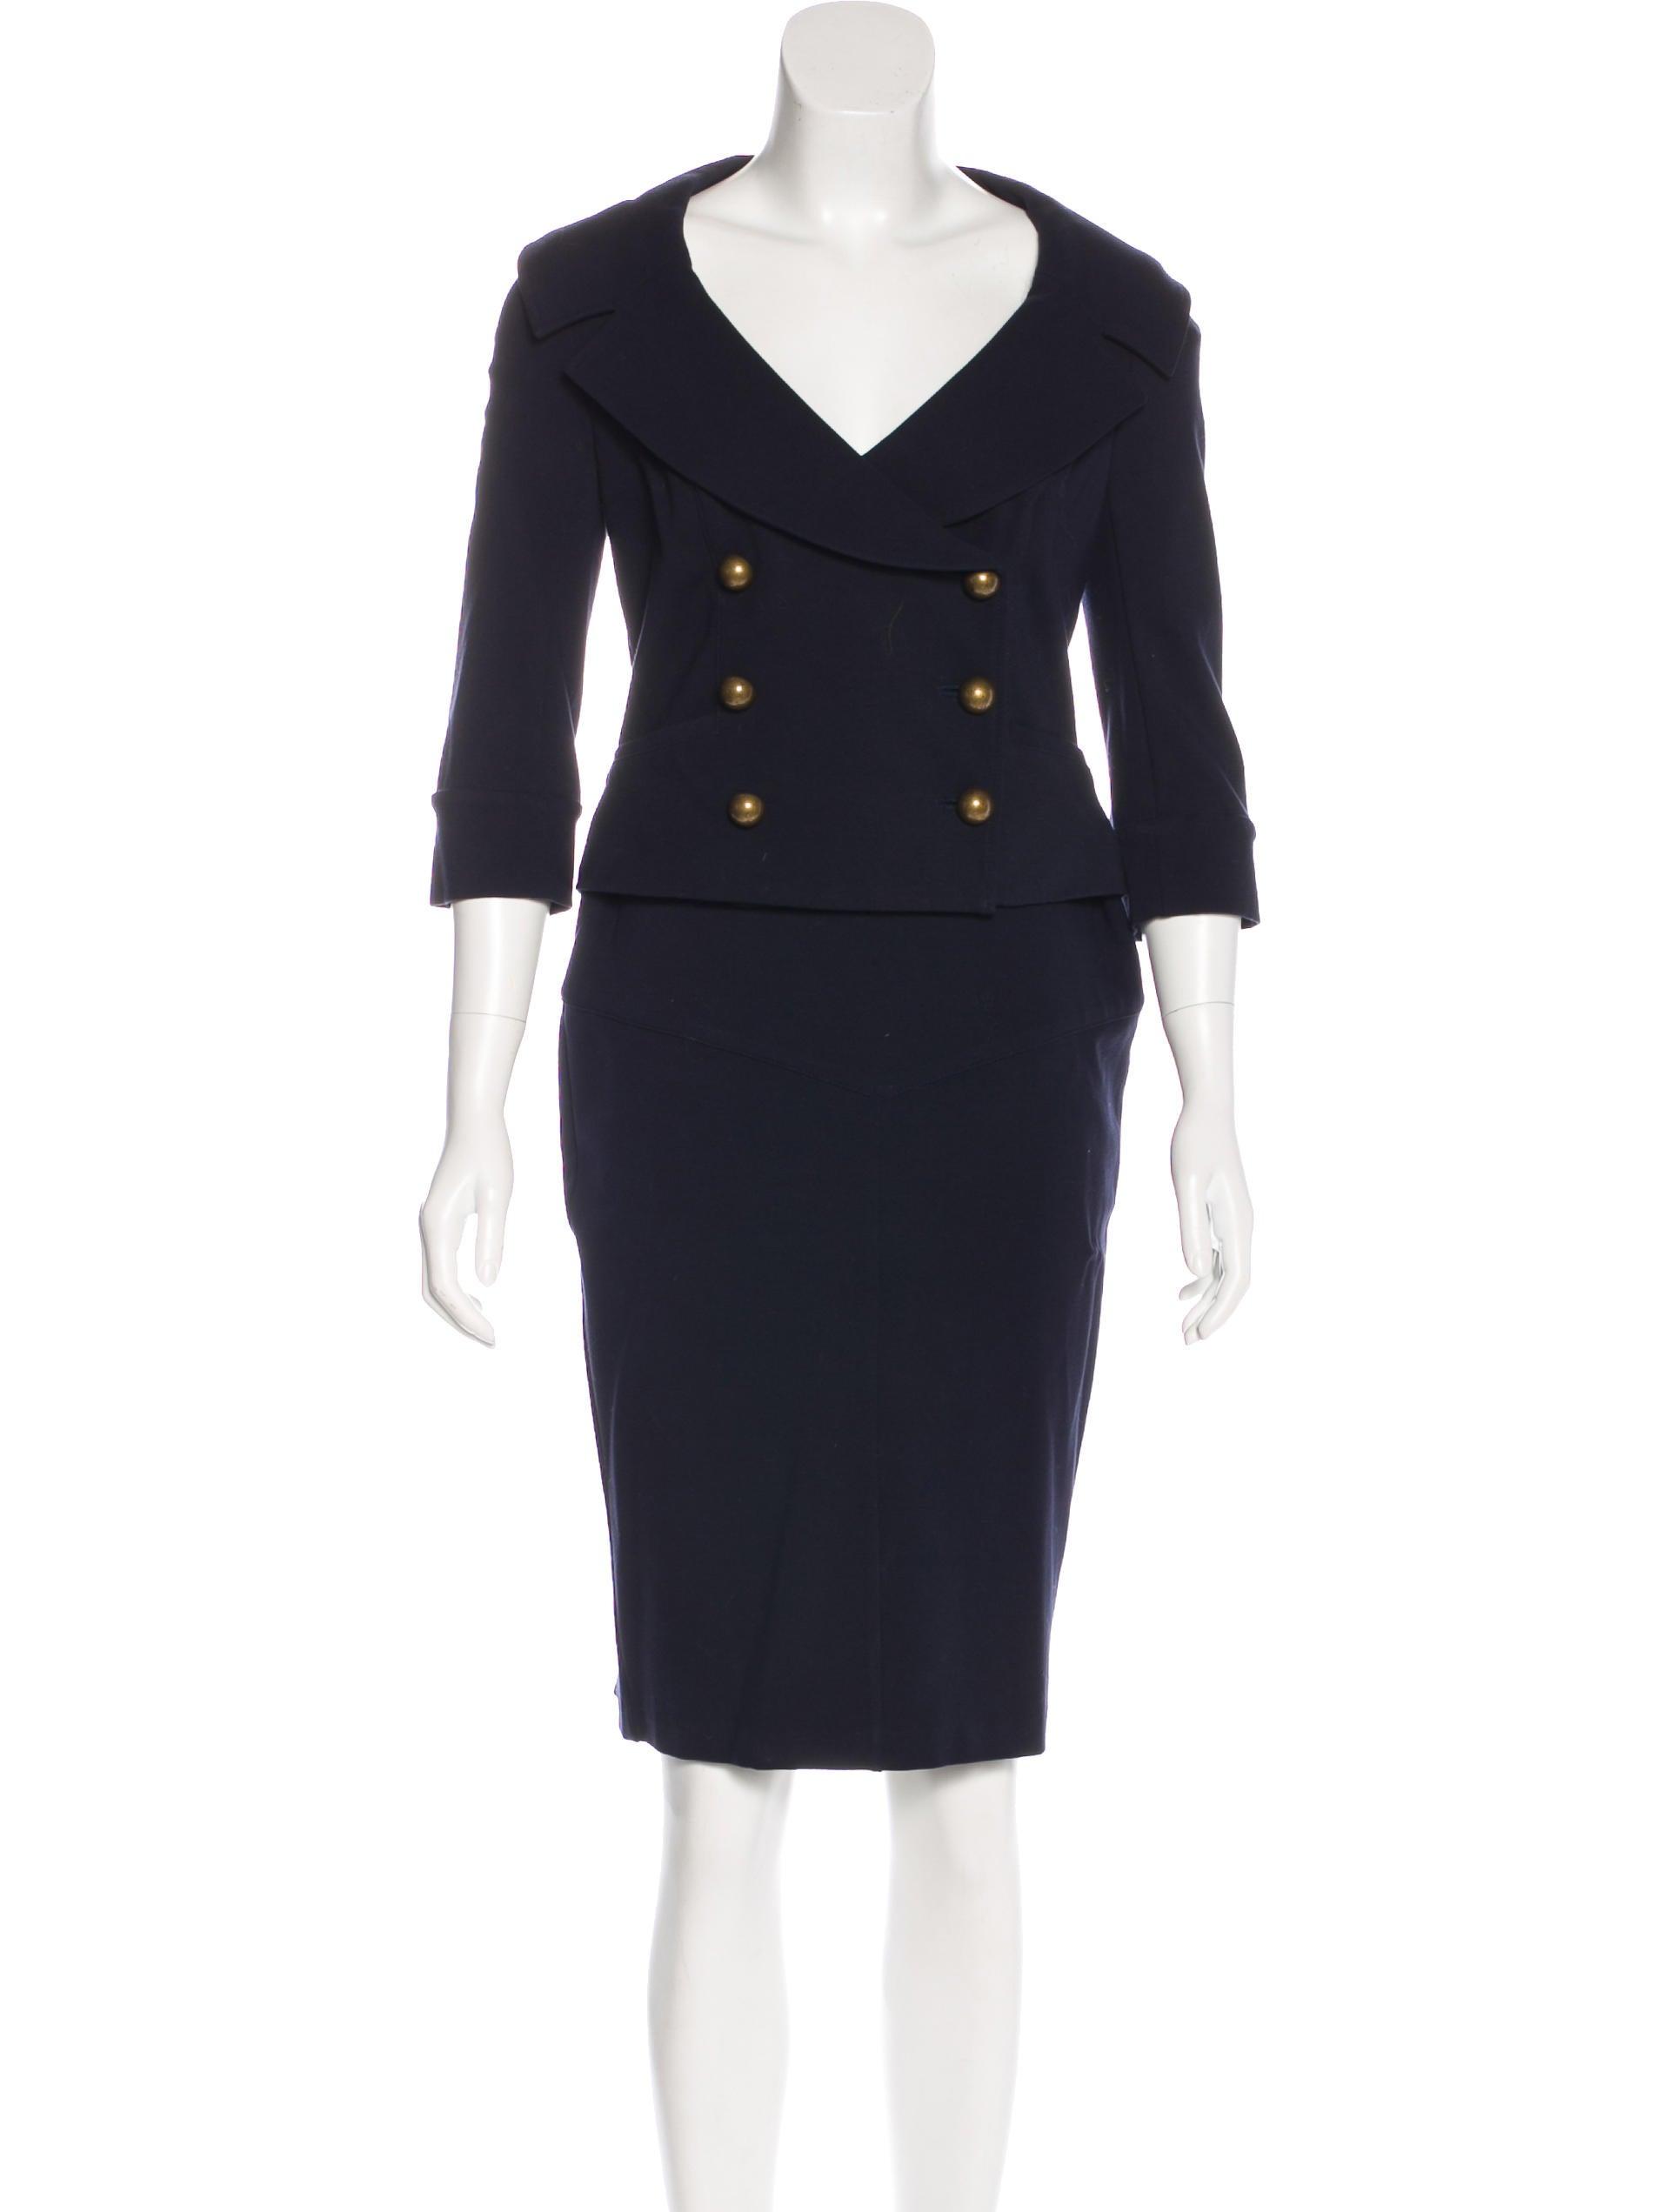 diane furstenberg notch lapel pencil skirt suit